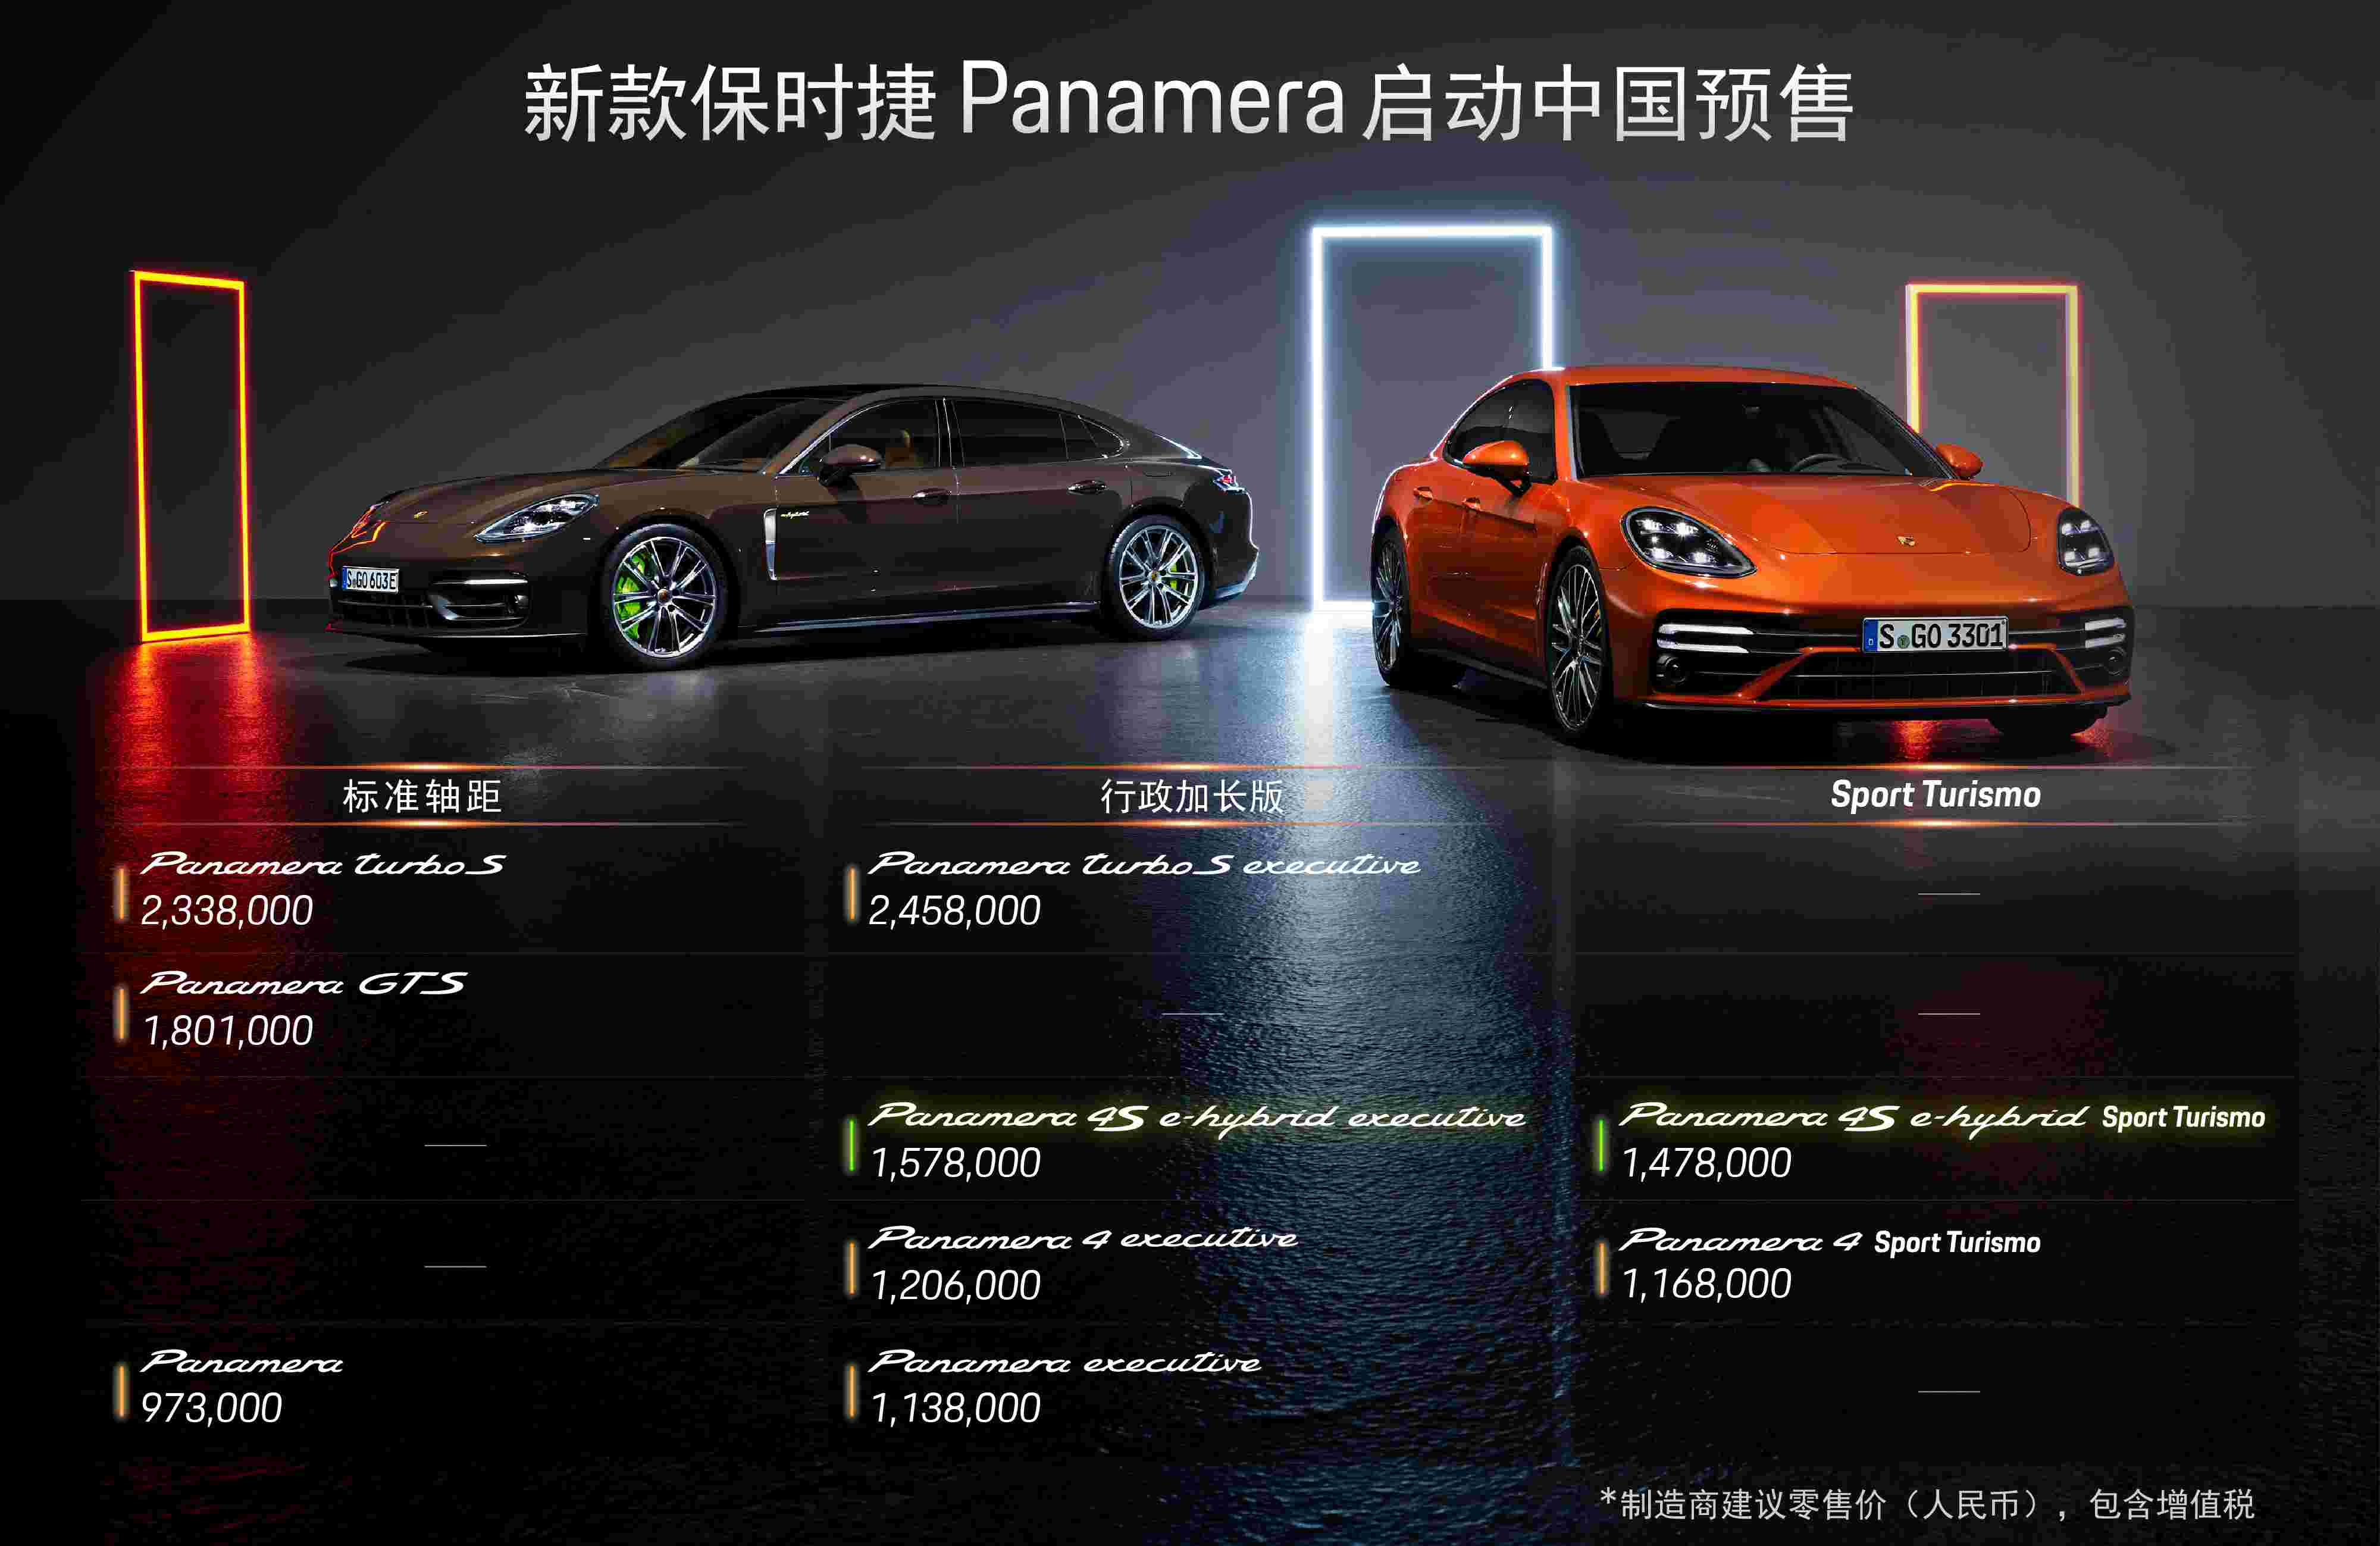 纽北长轴距车型圈速王 谈保时捷新款Panamera